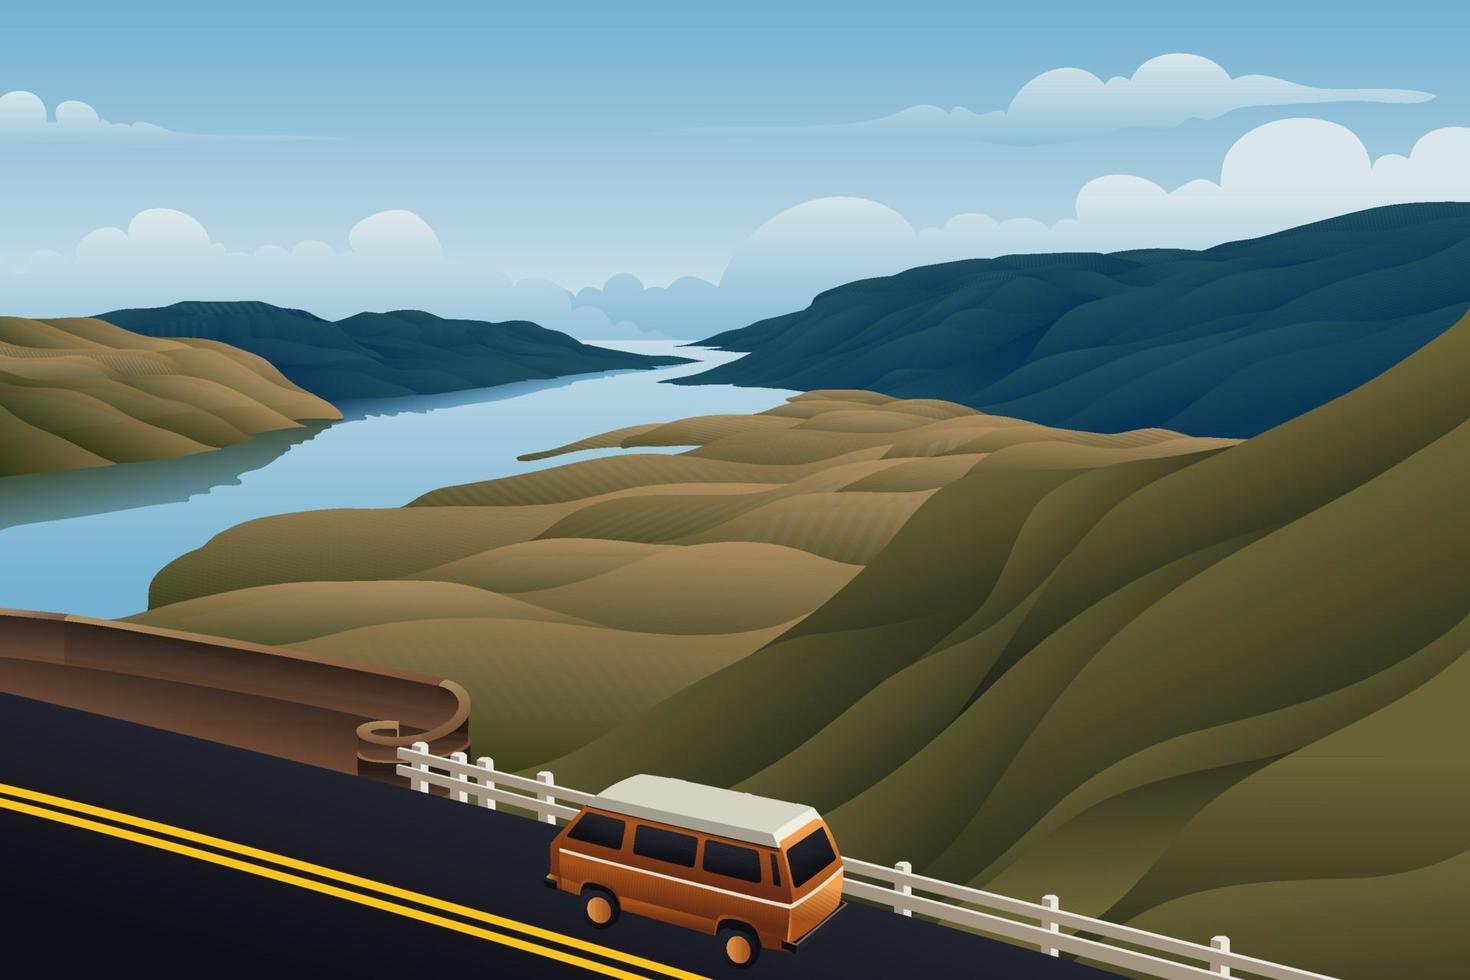 ônibus no rio da montanha da ponte vetor